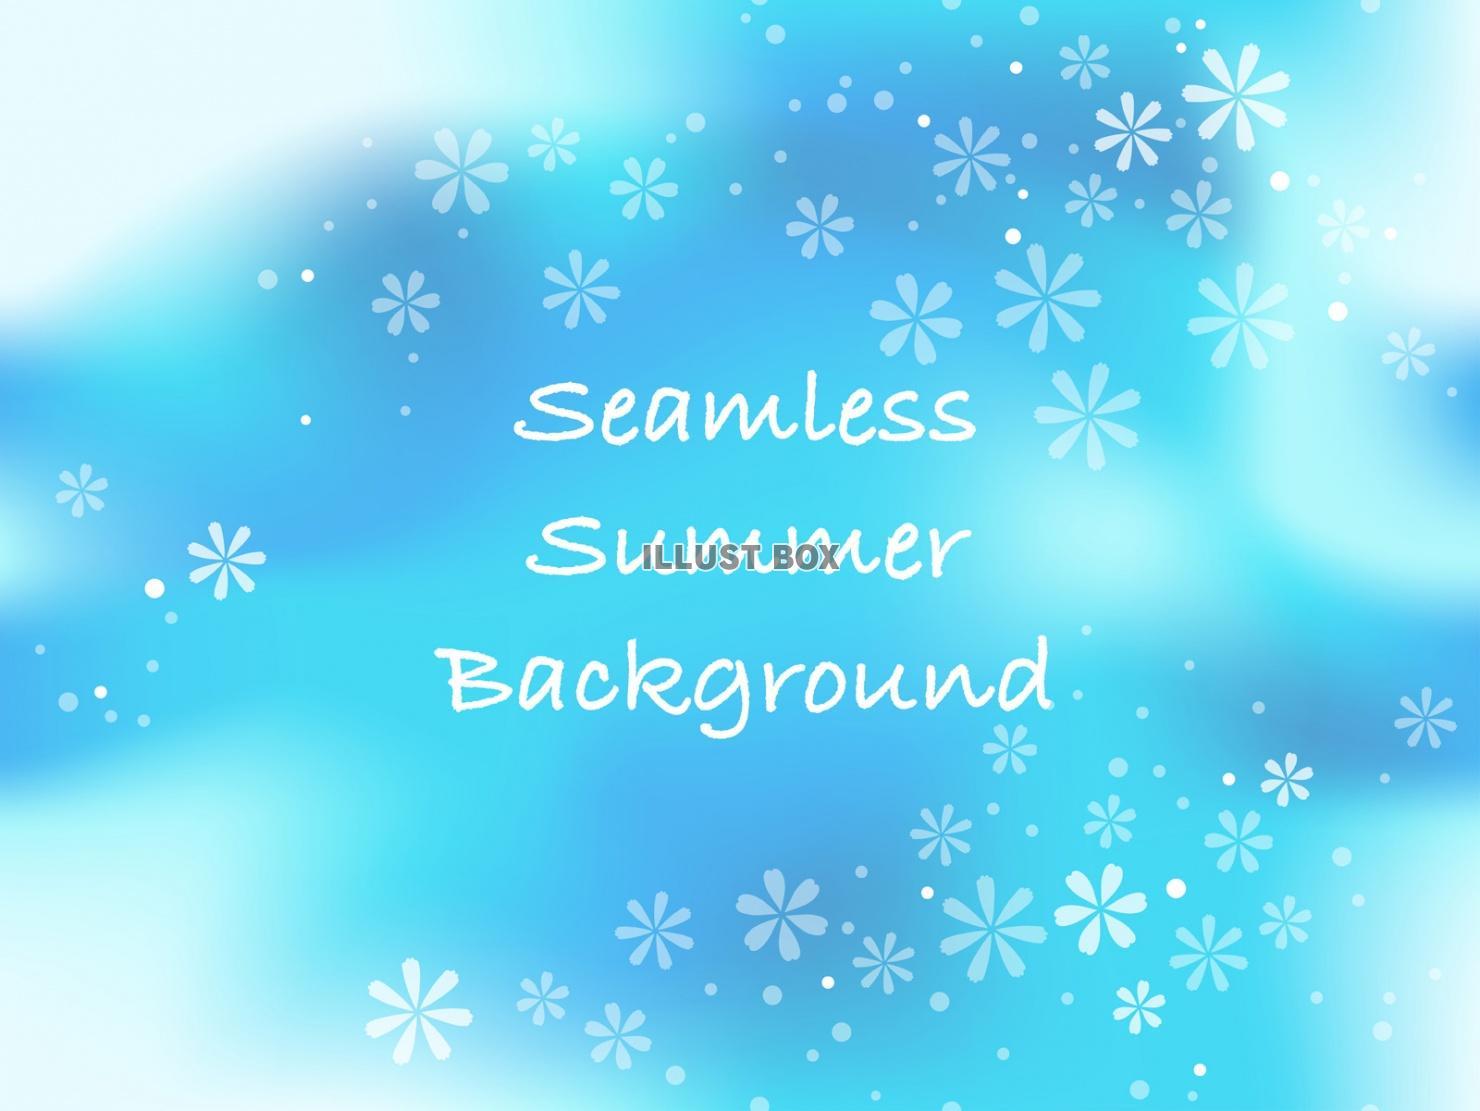 無料イラスト シームレスな夏の背景イラスト